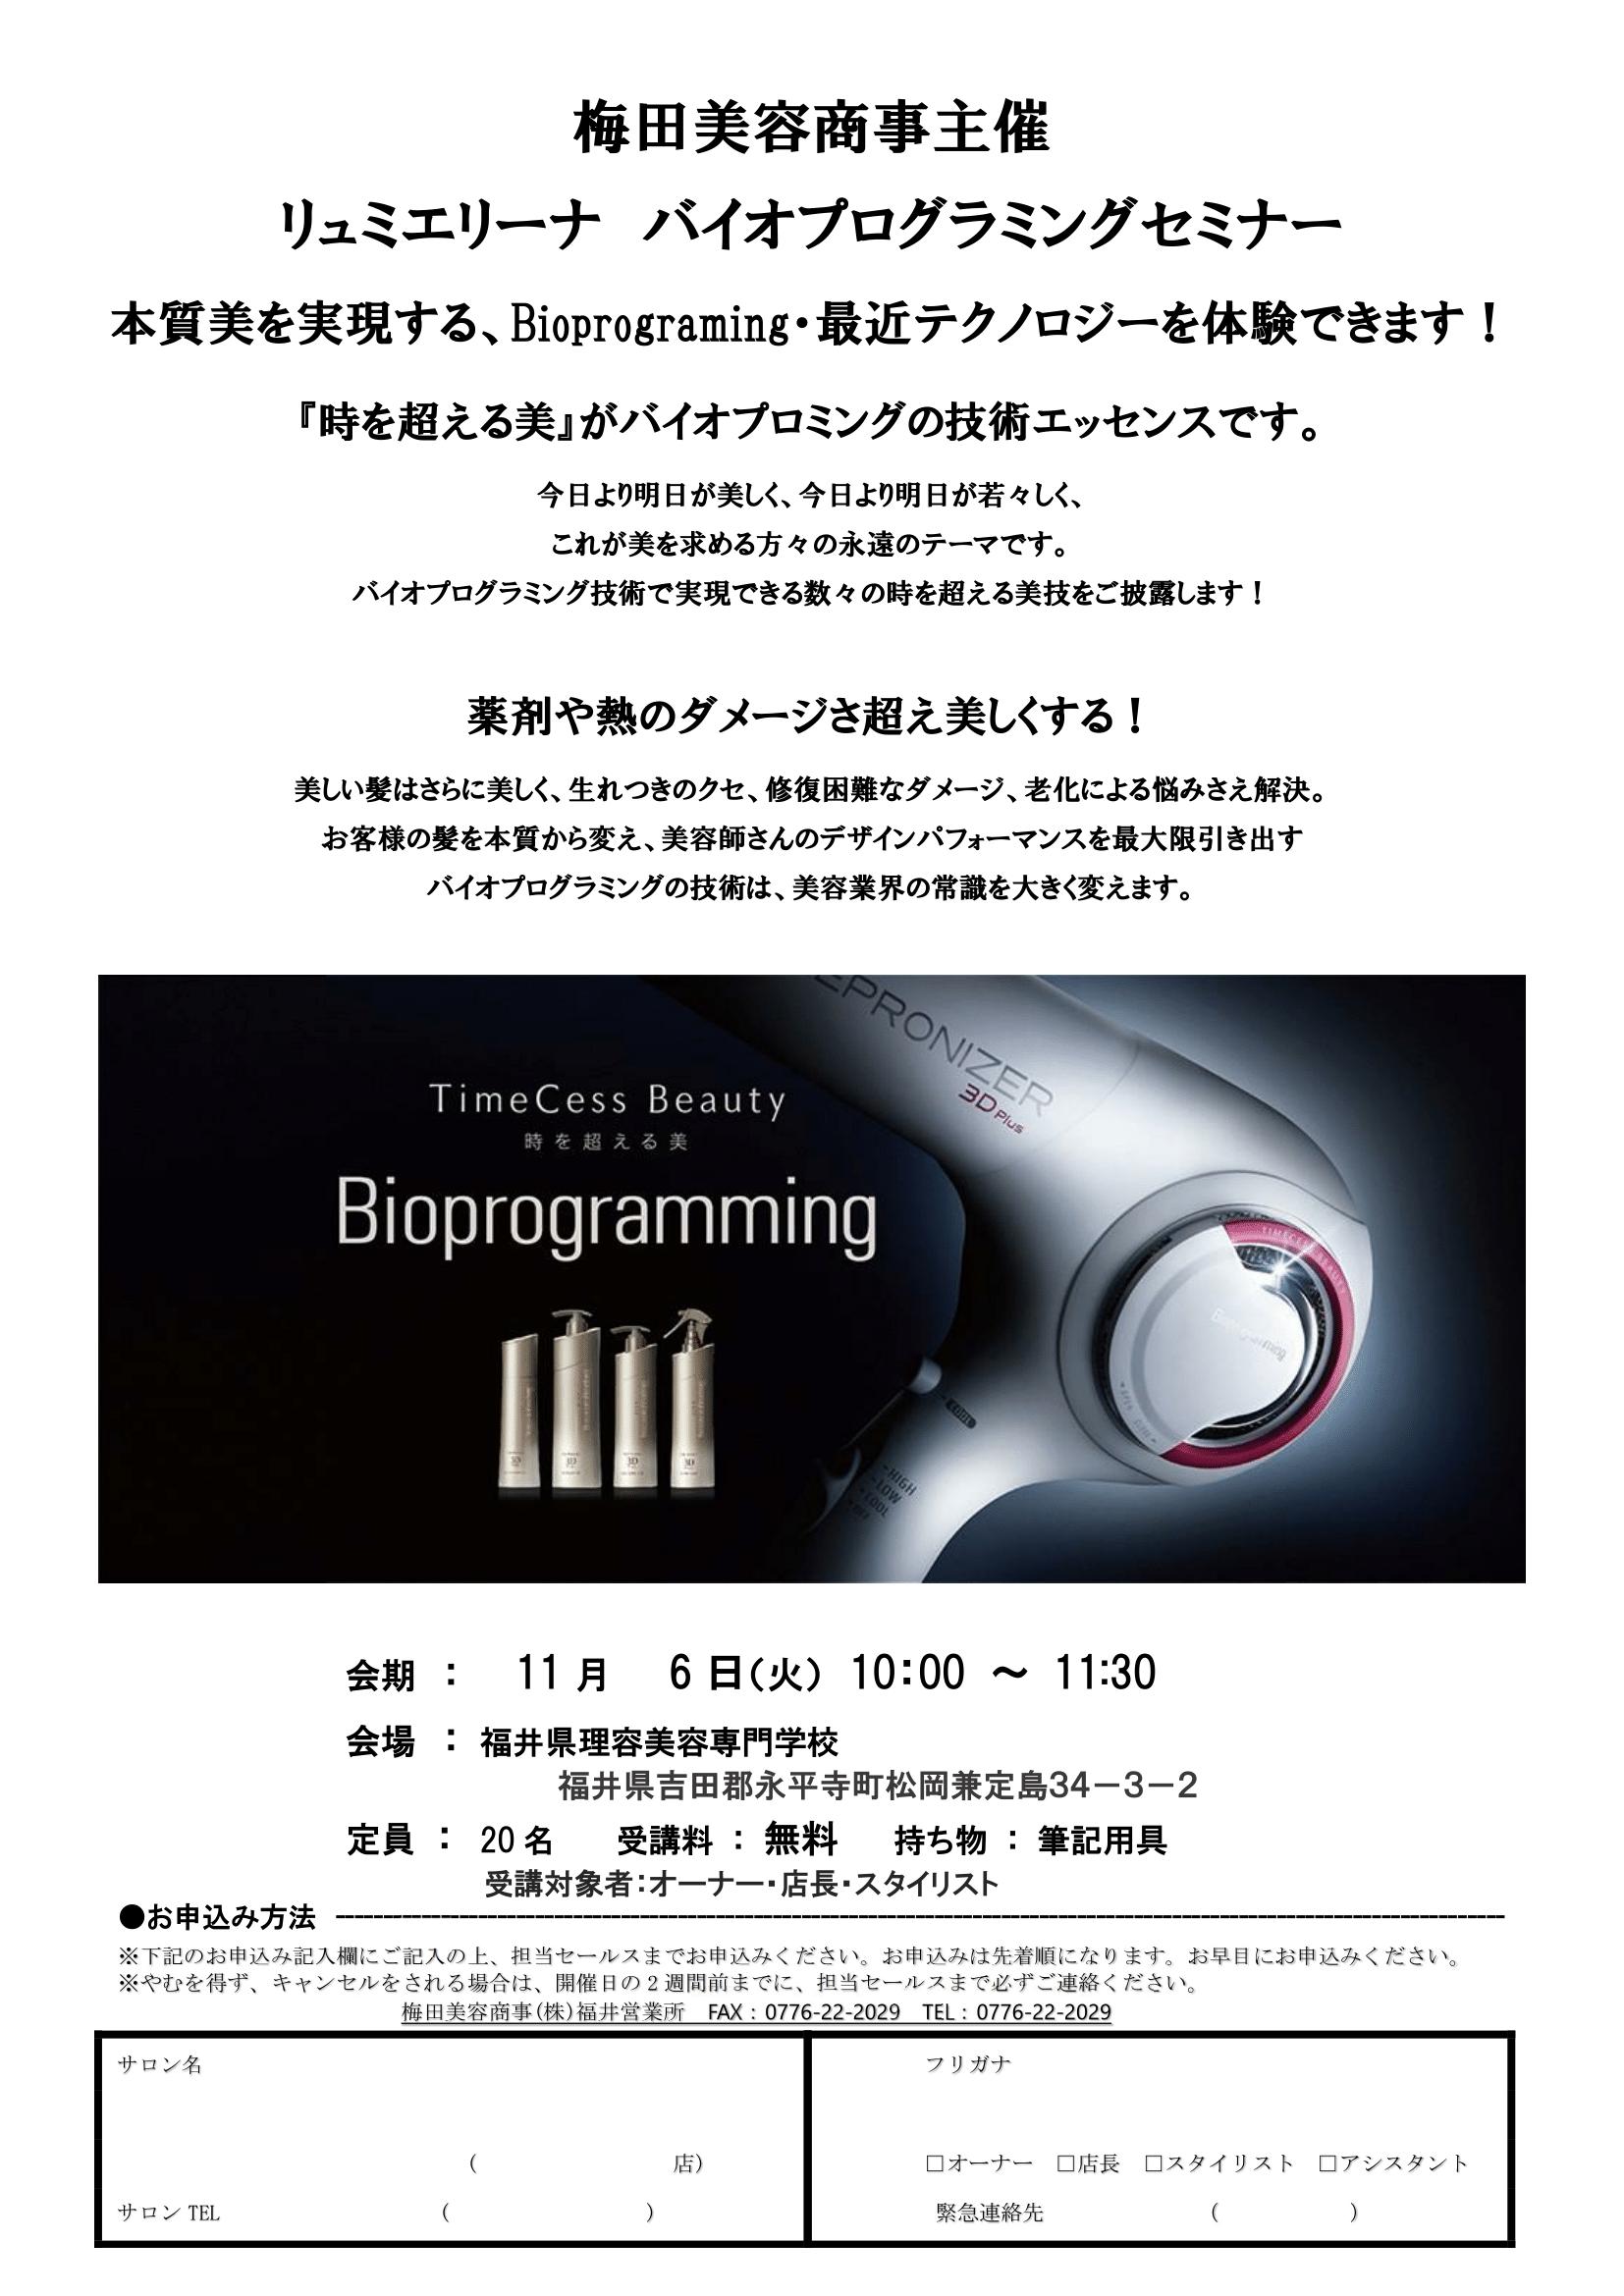 【福井】リュミエリーナ バイオプログラミングセミナー